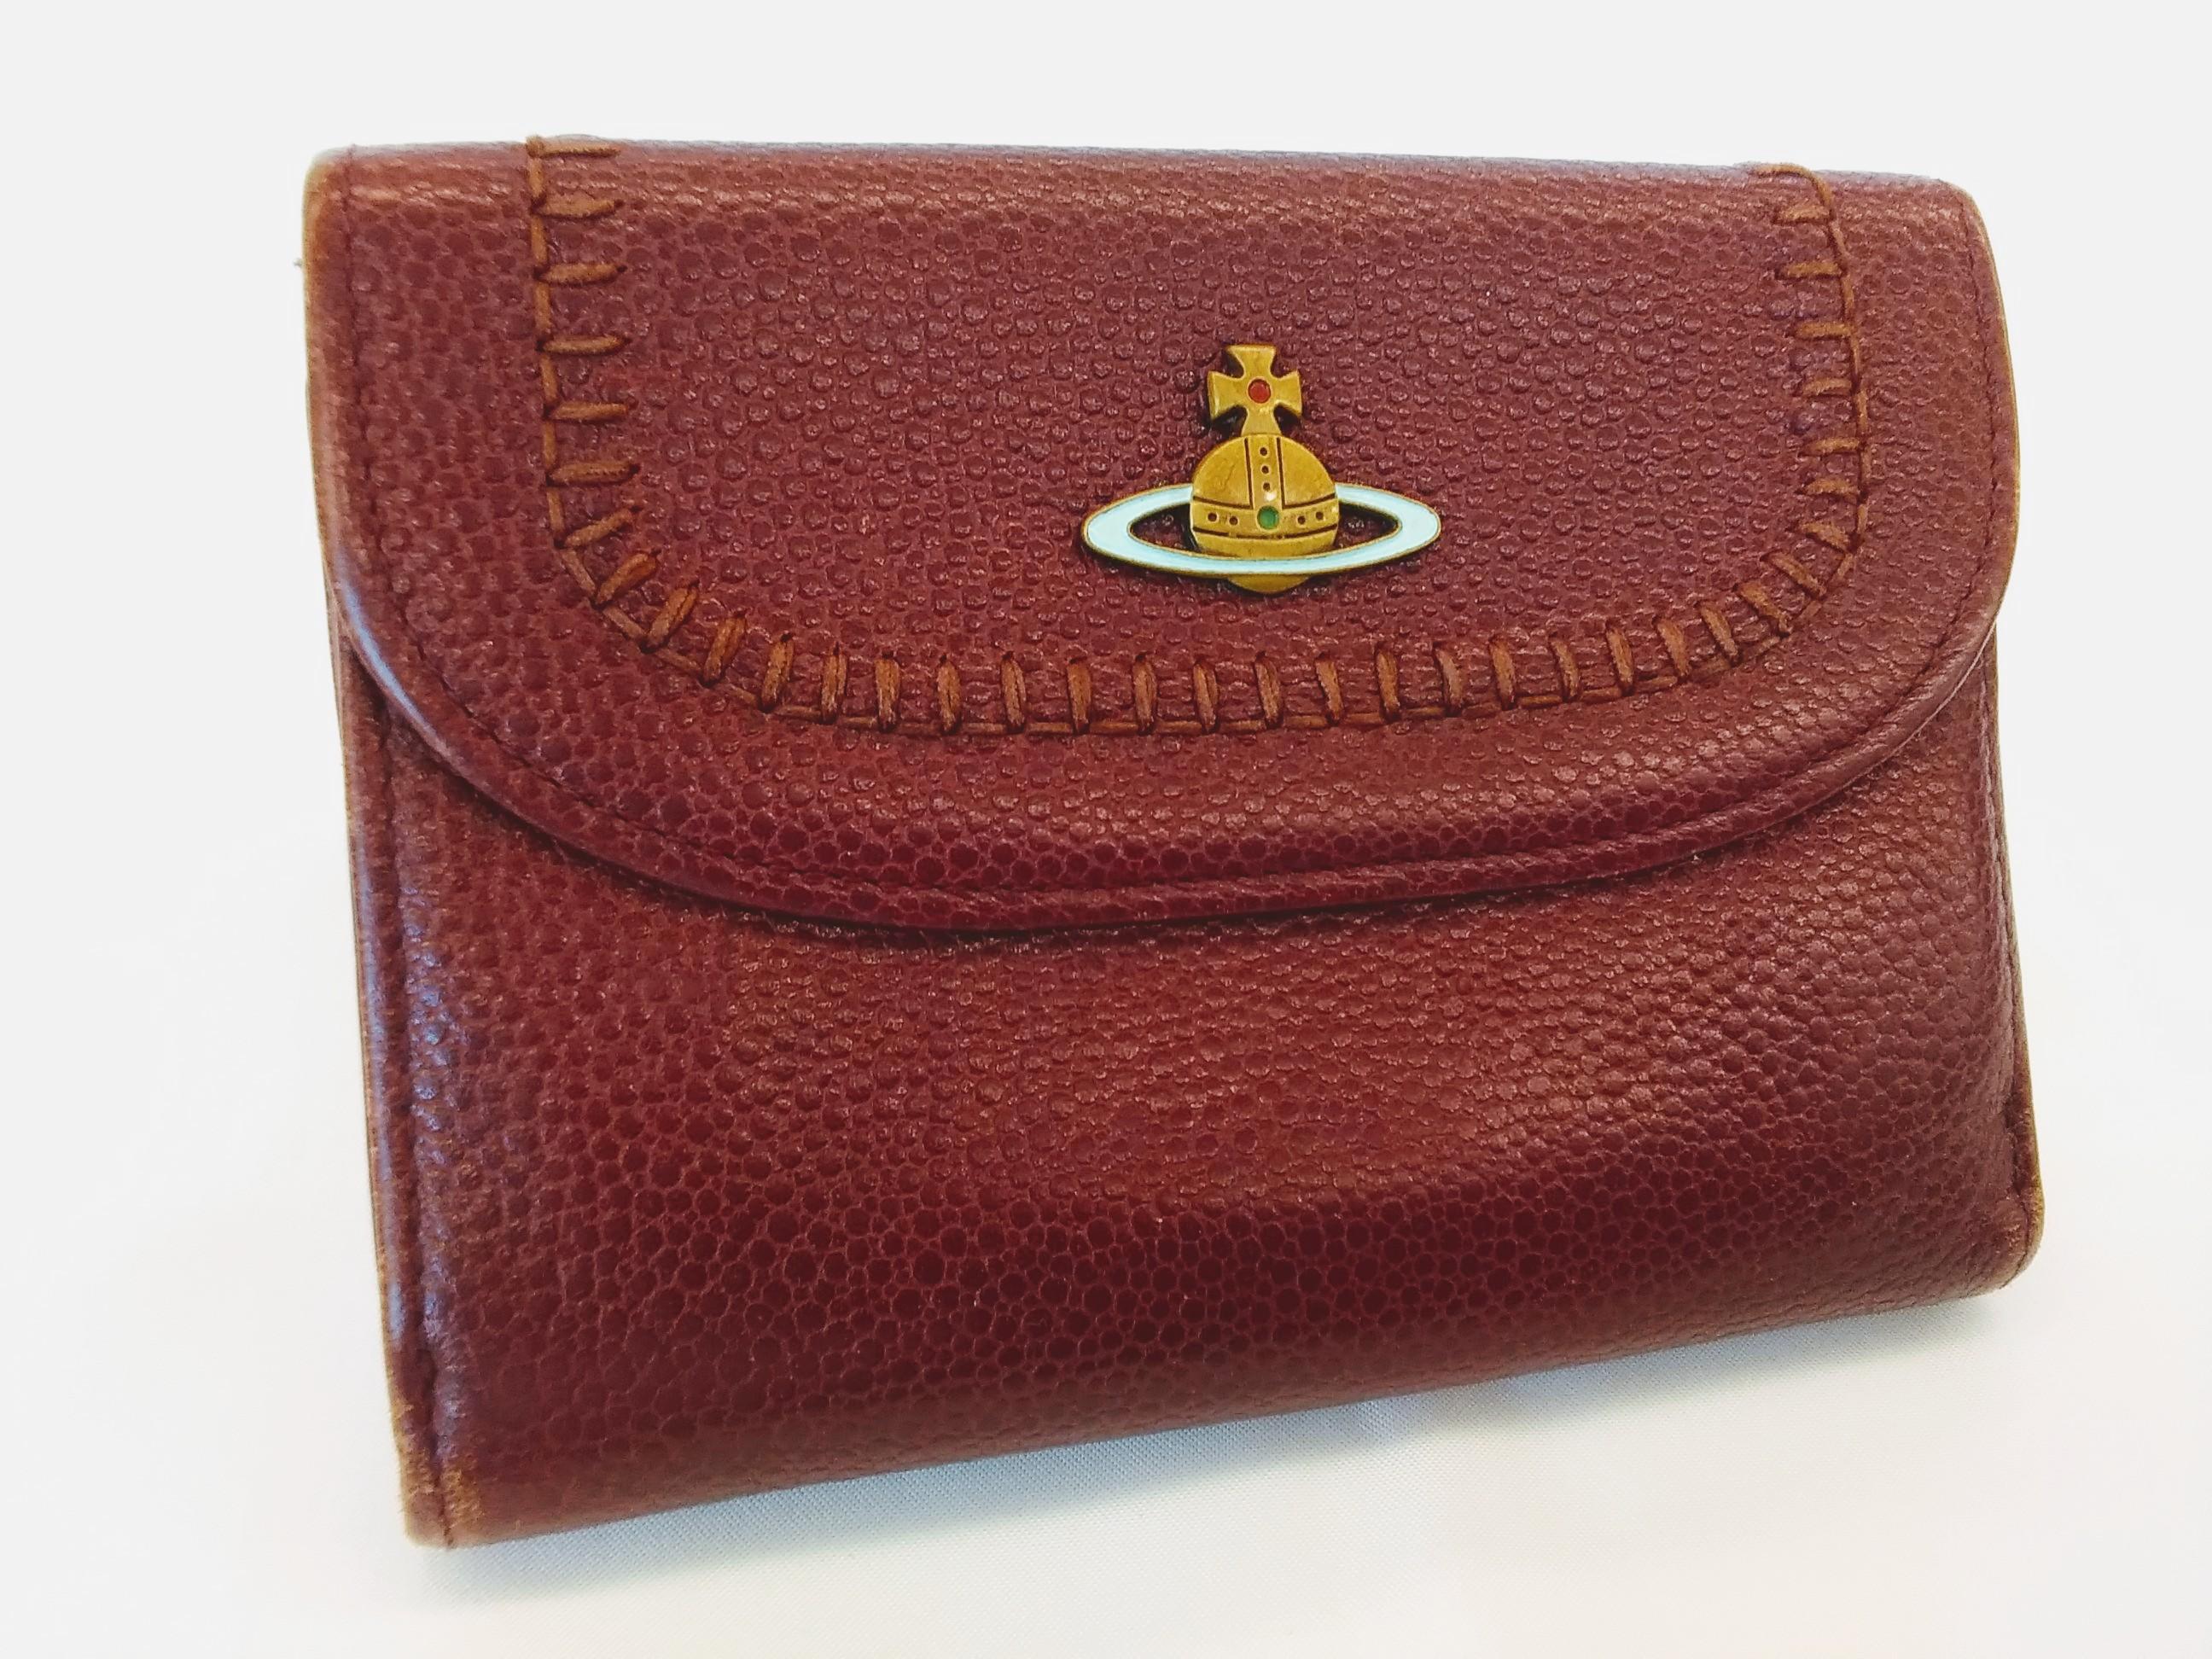 二つ折り財布【ワインレッド】|VIVIENNEWESTWOOD【ヴィヴィアン】